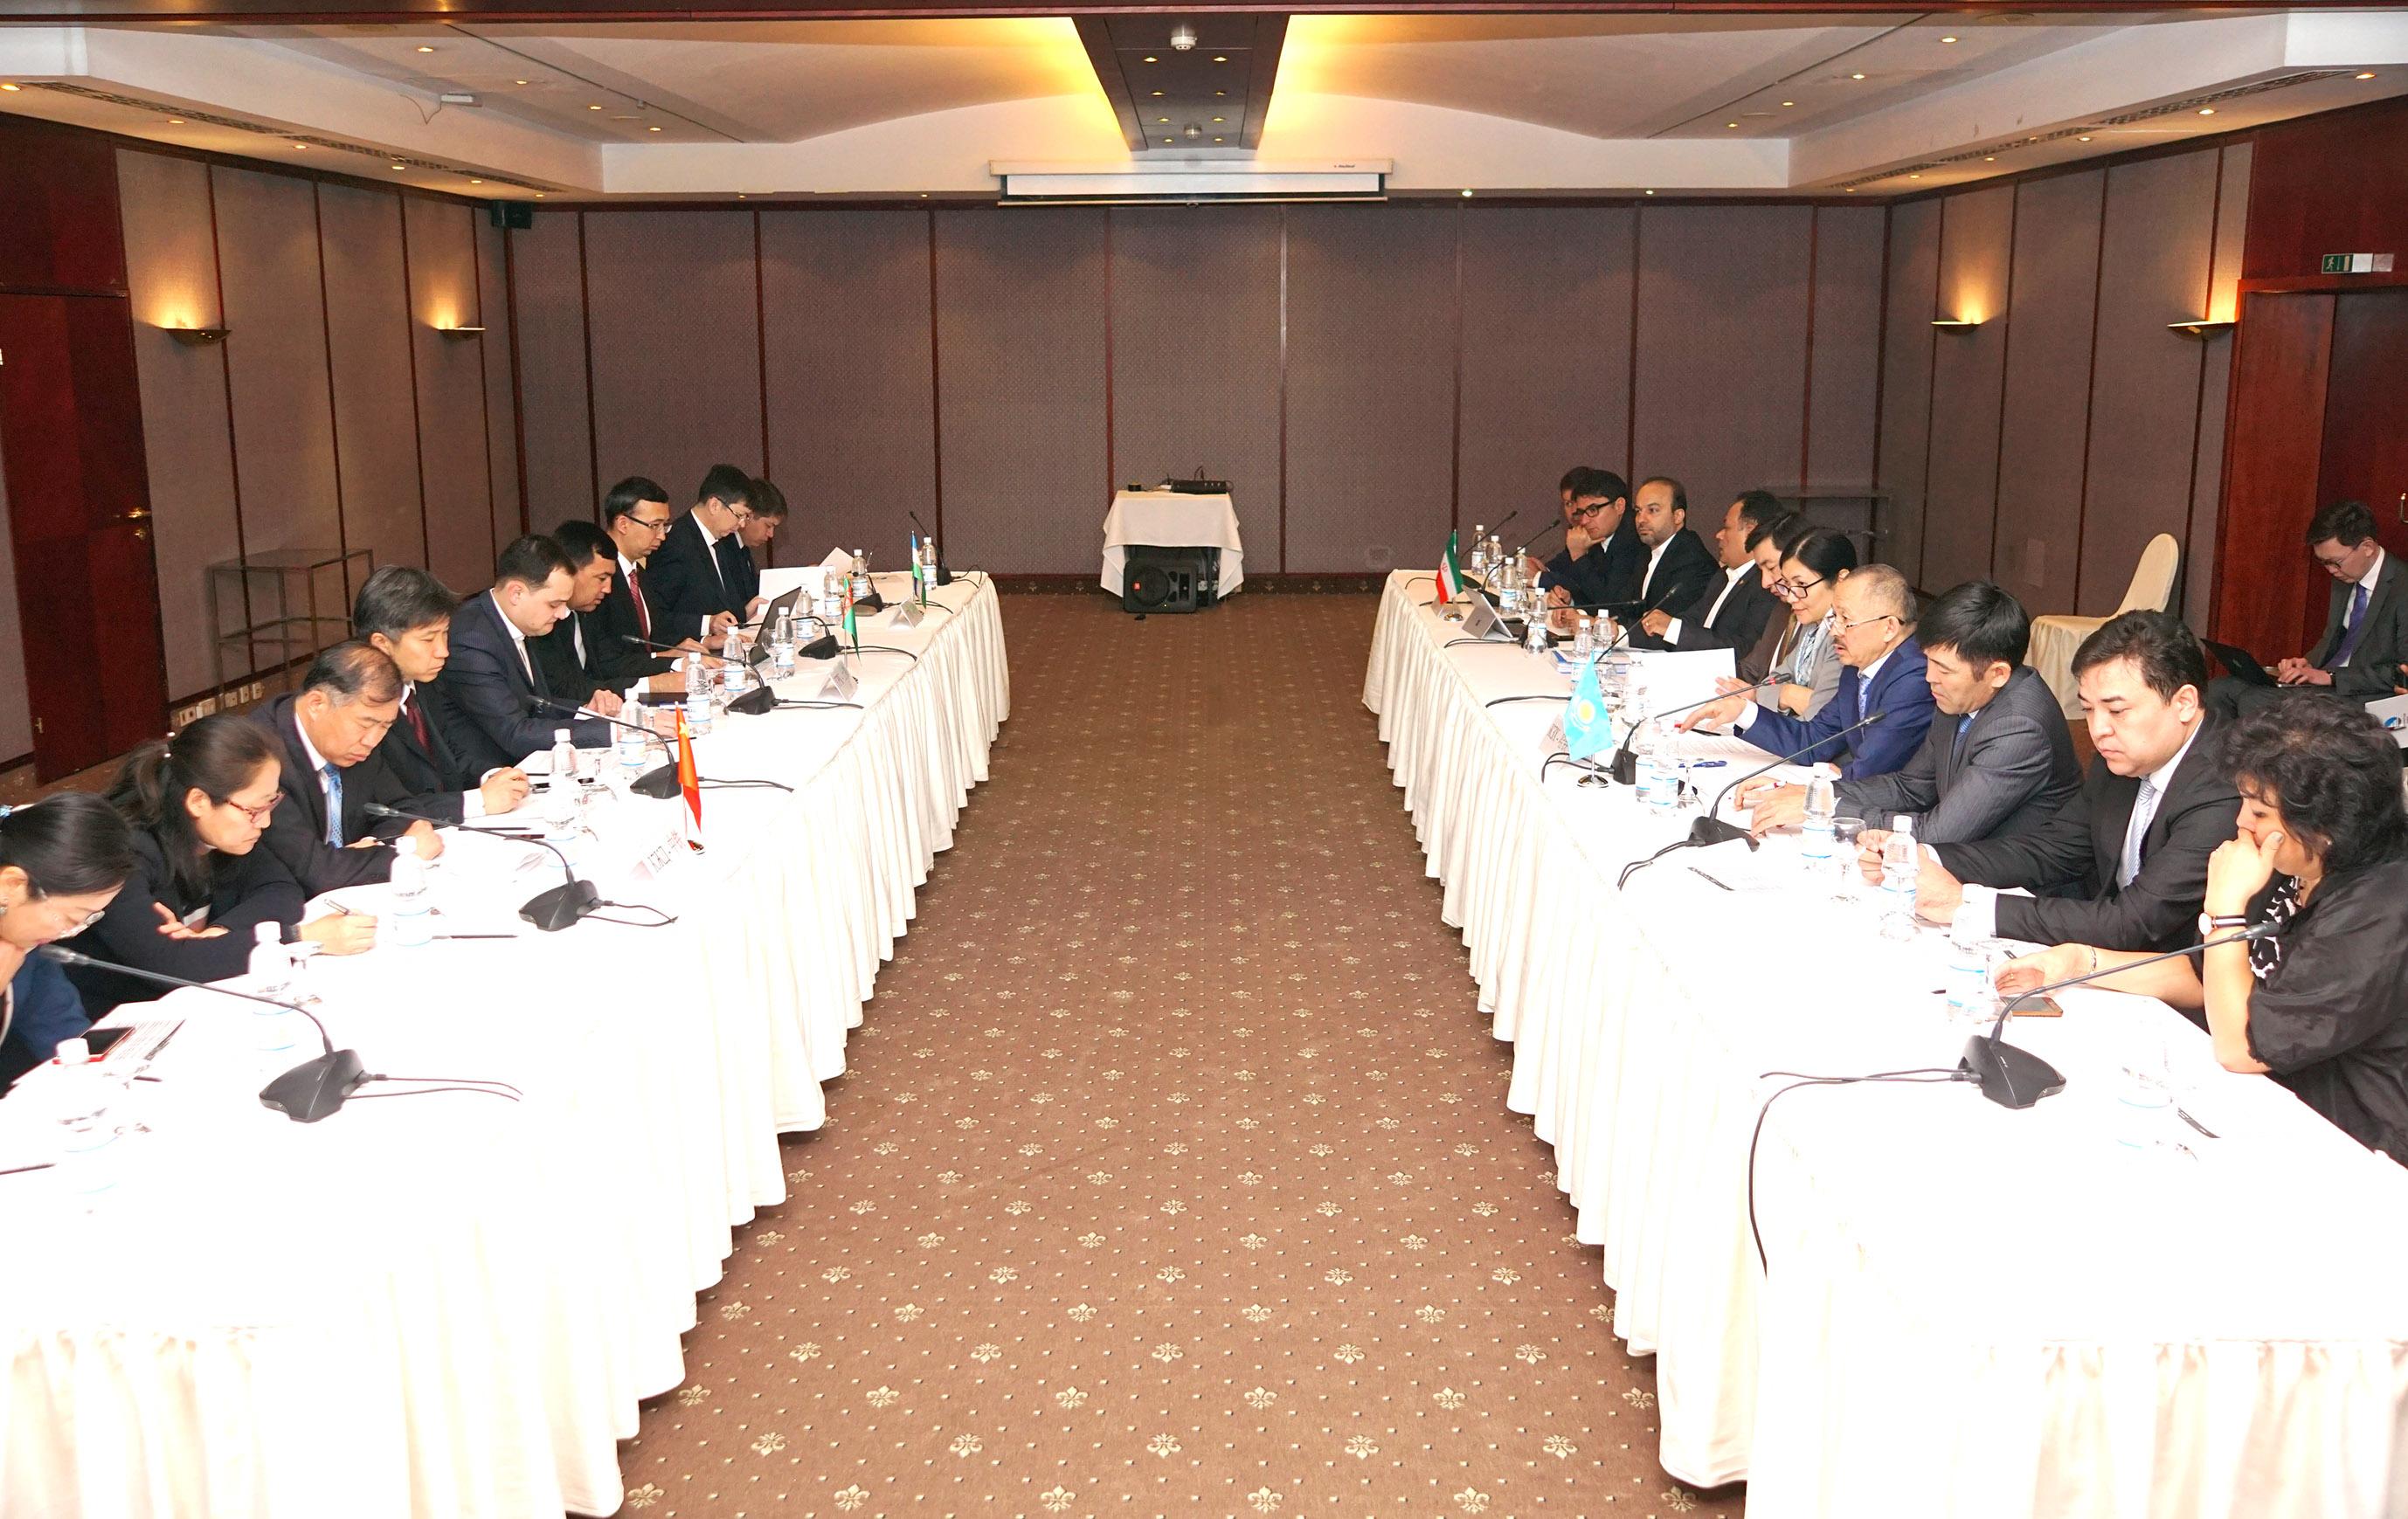 Узбекистан присоединился к ж.-д. коридору Китай – Казахстан – Туркменистан – Иран